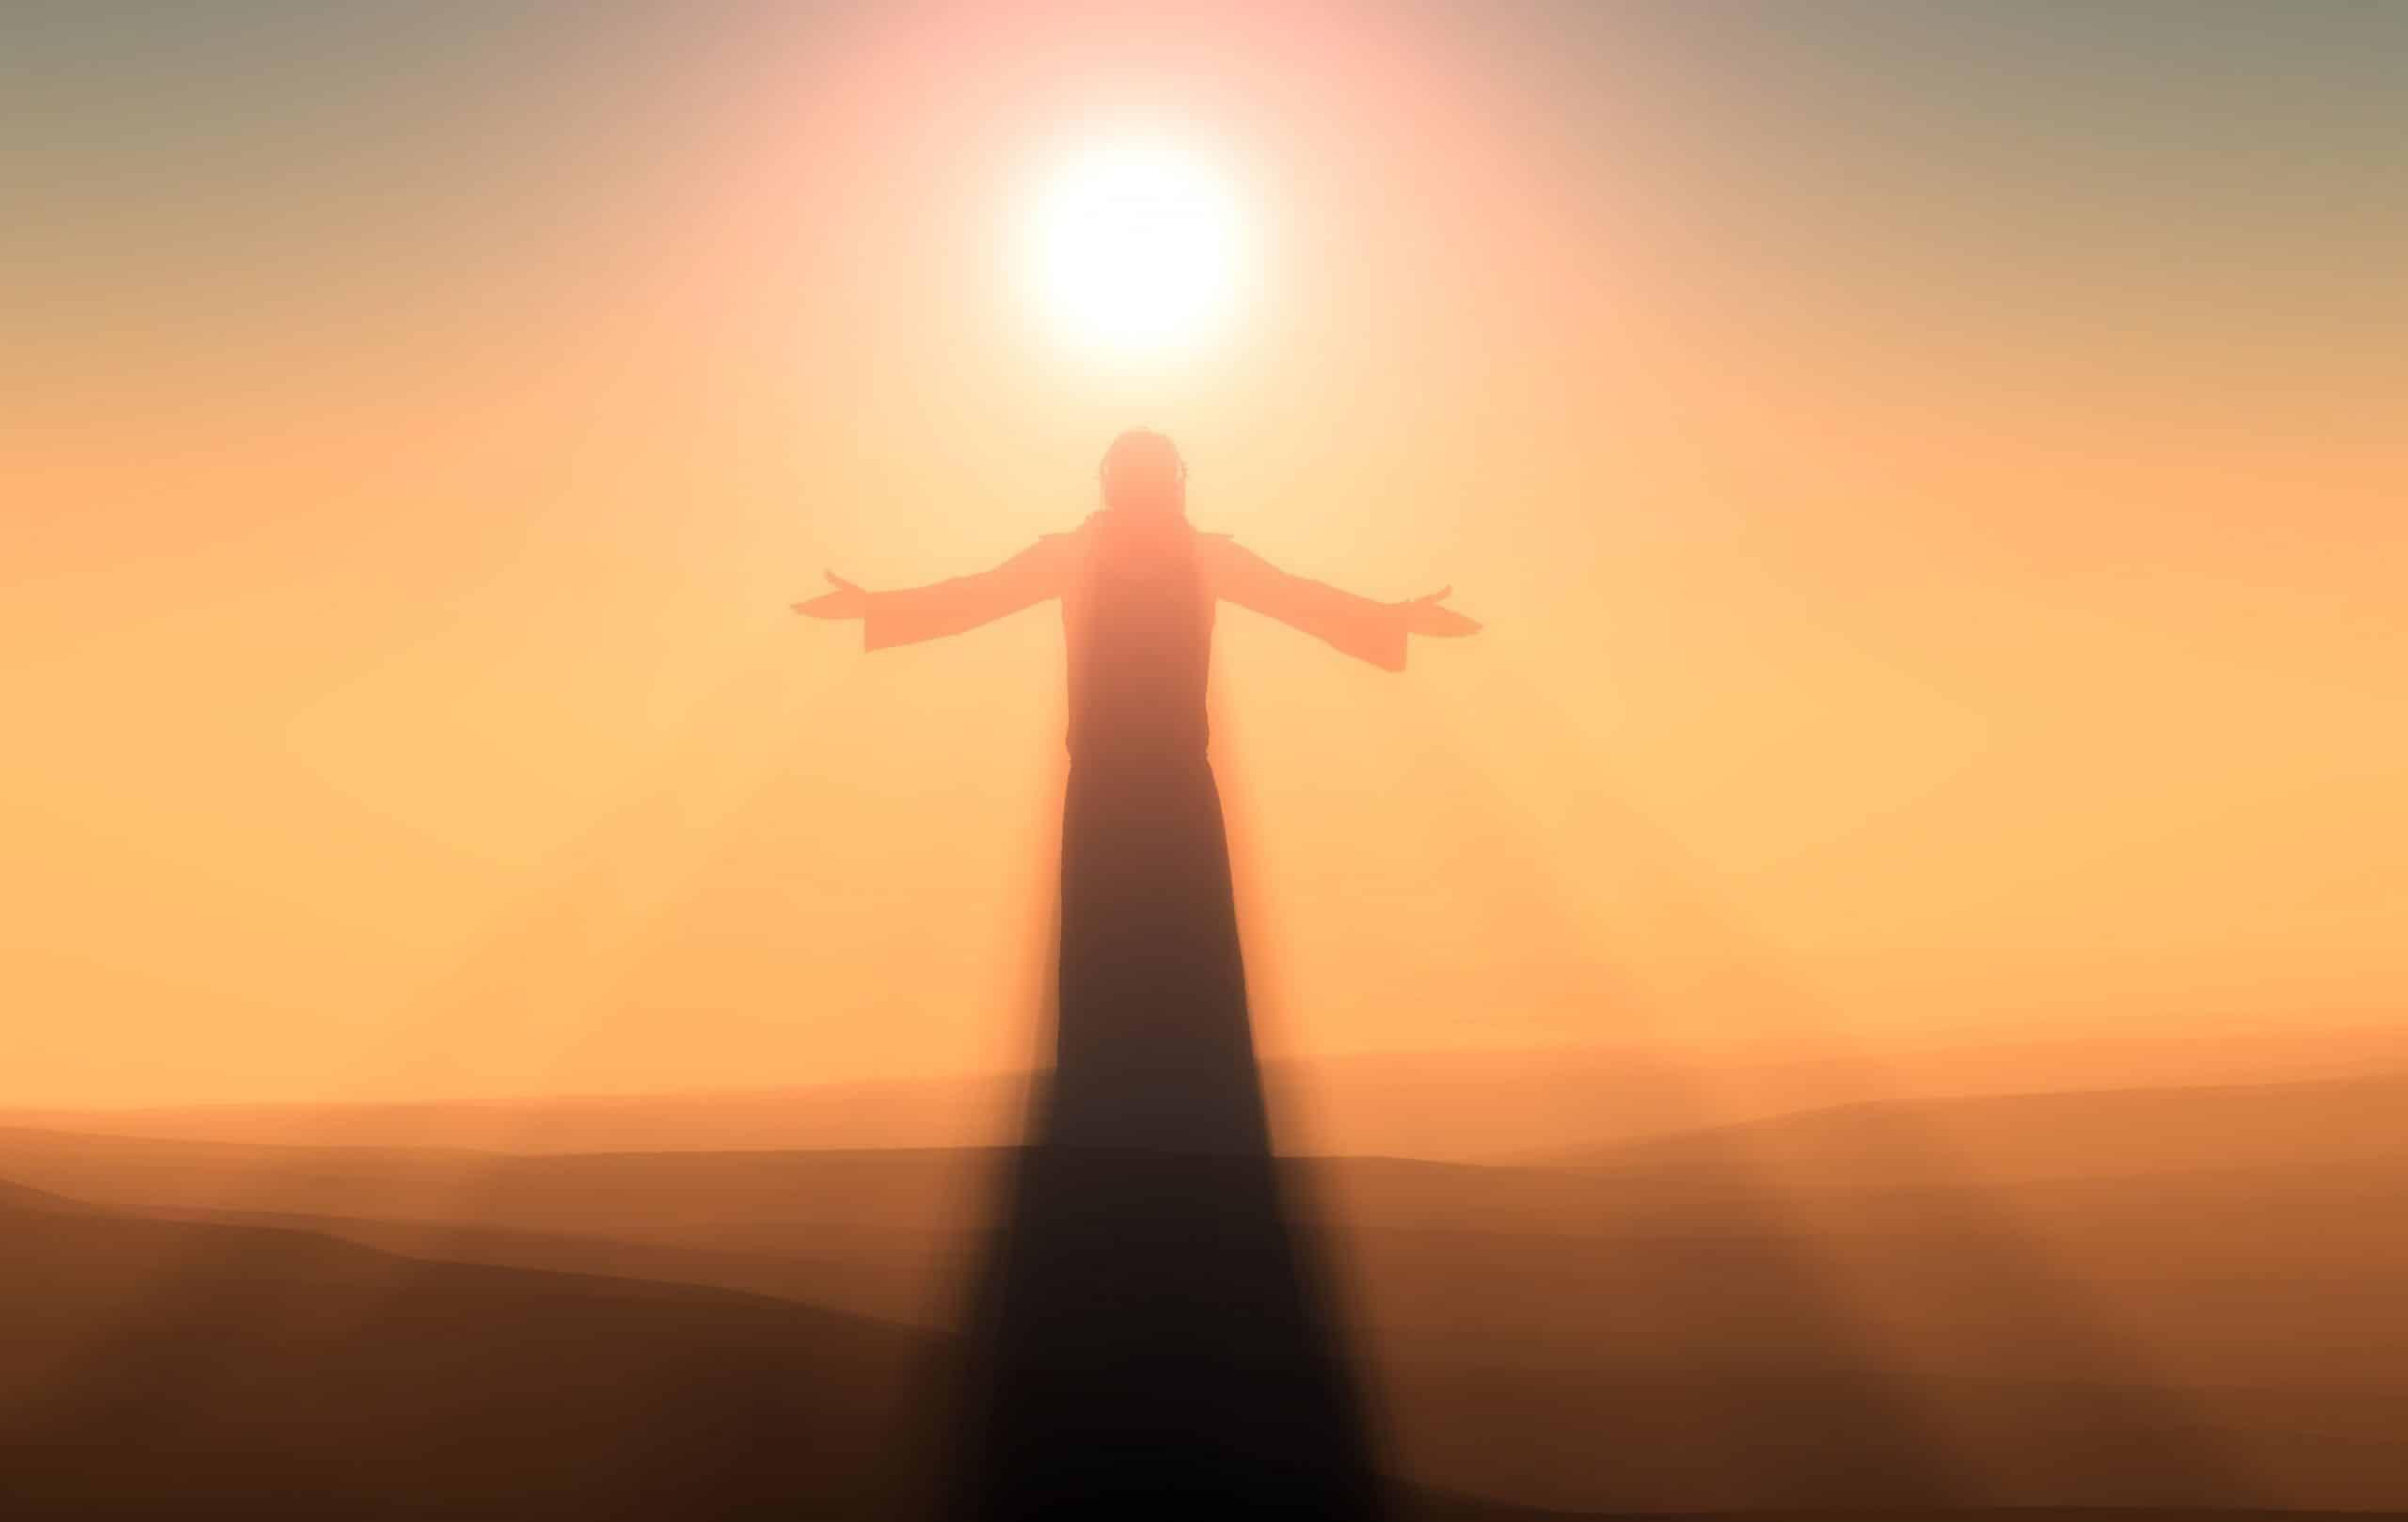 Silhueta de um ser com braços abertos sob o pôr do sol.